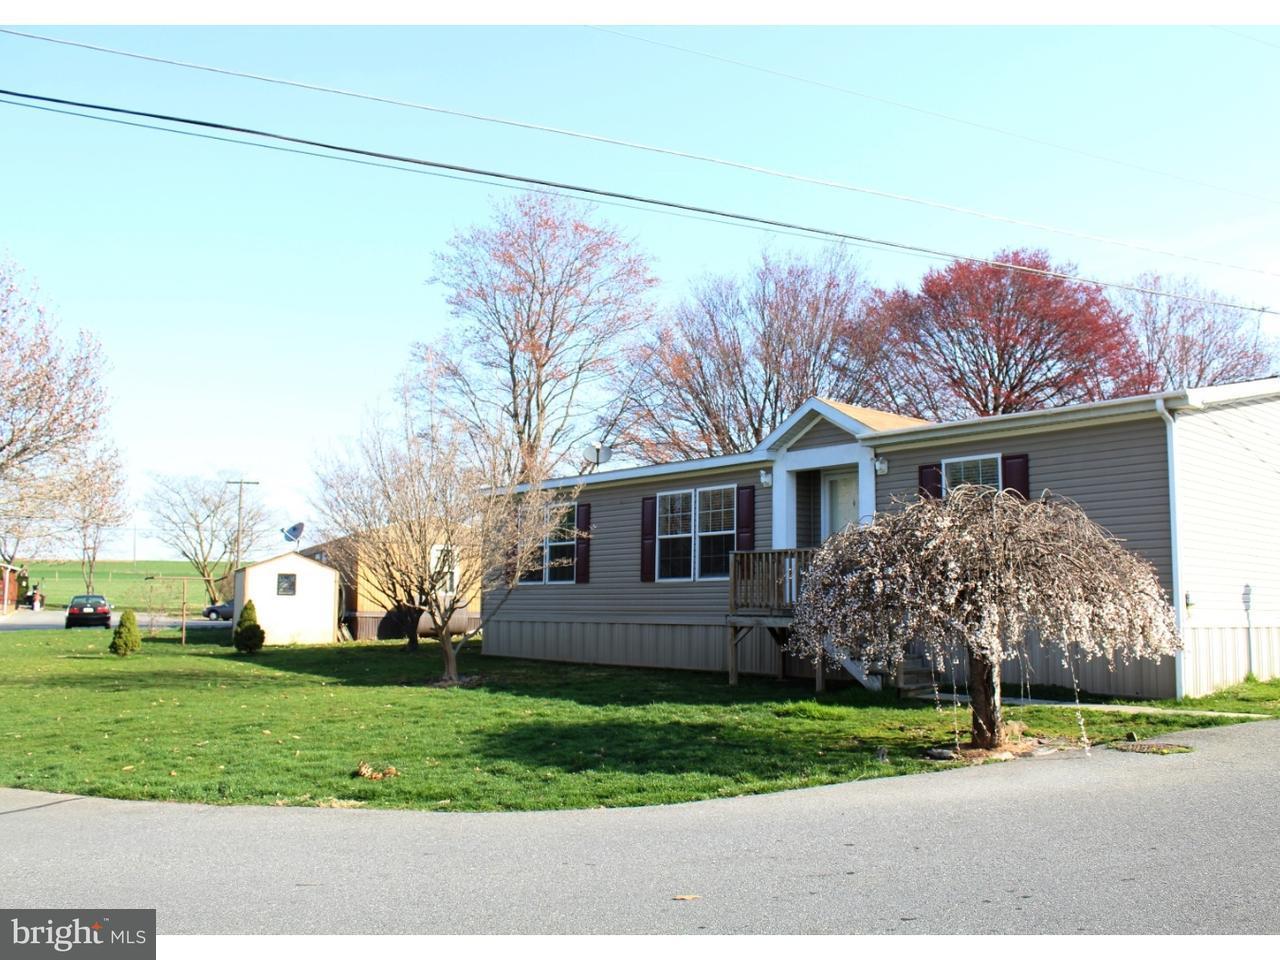 Частный односемейный дом для того Продажа на 963 RETTEW MILL Road Ephrata, Пенсильвания 17522 Соединенные Штаты